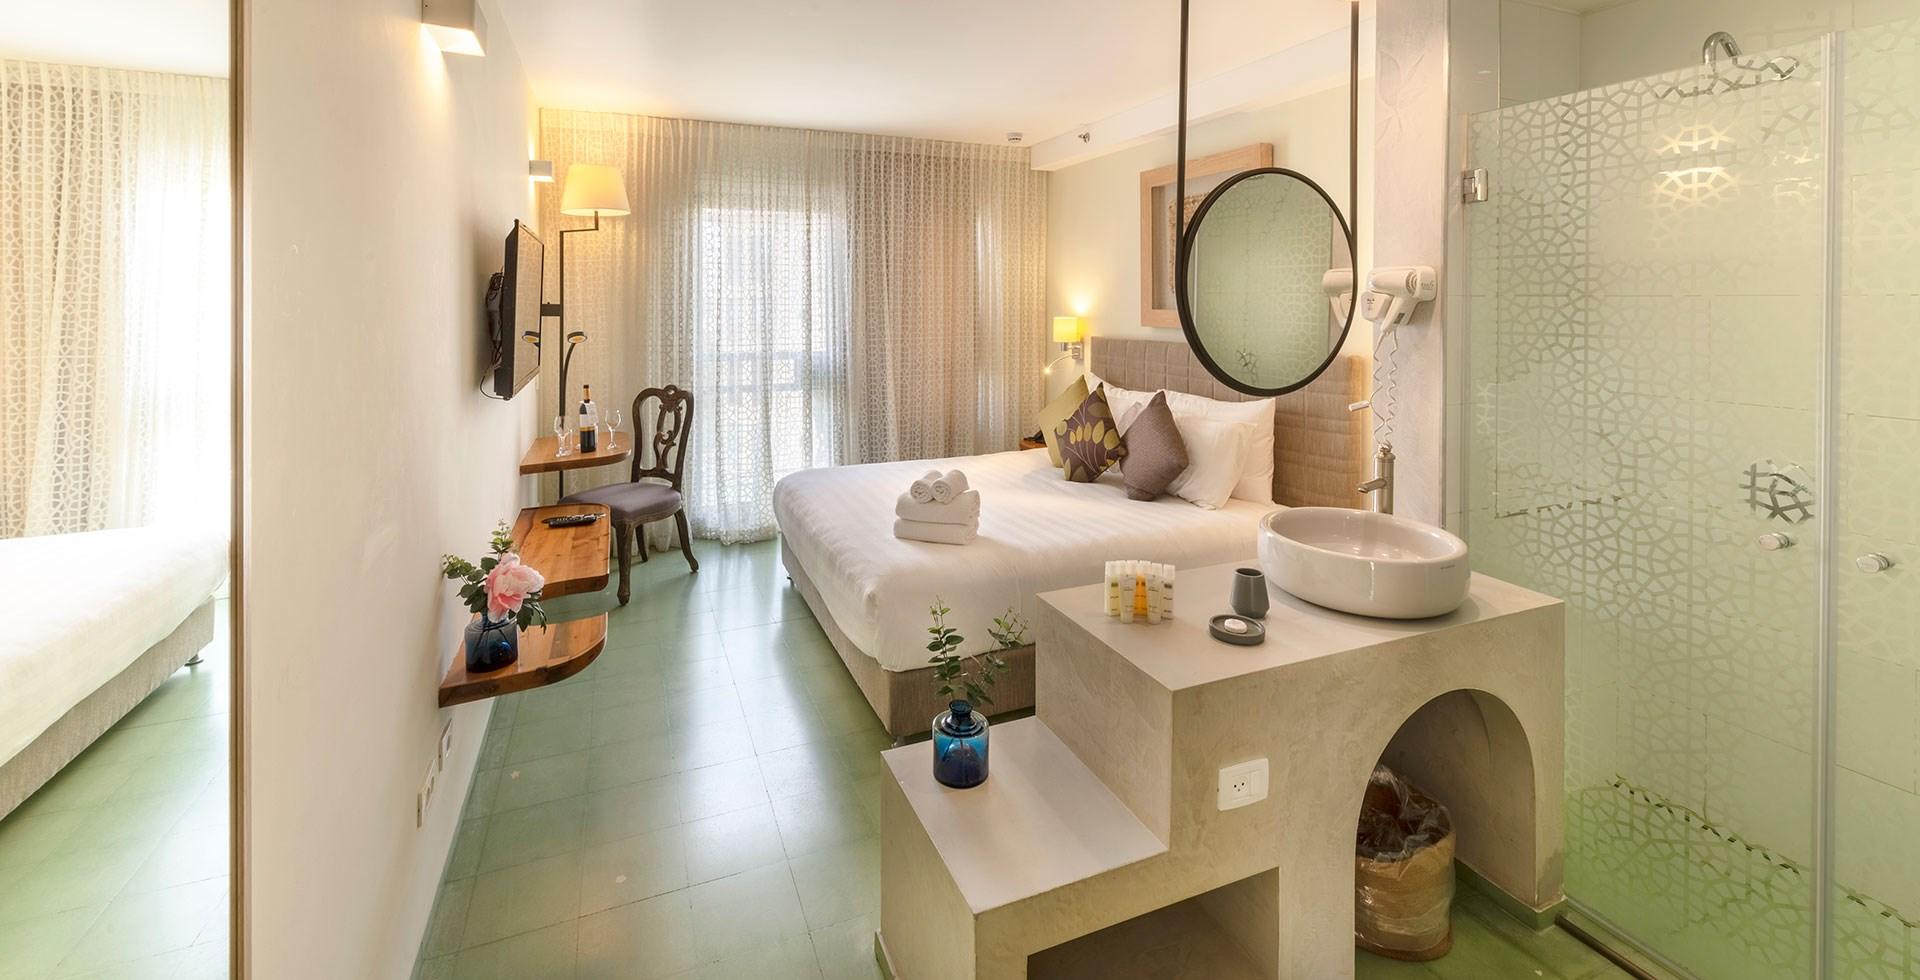 מלון מרגוזה תל אביב - יפו